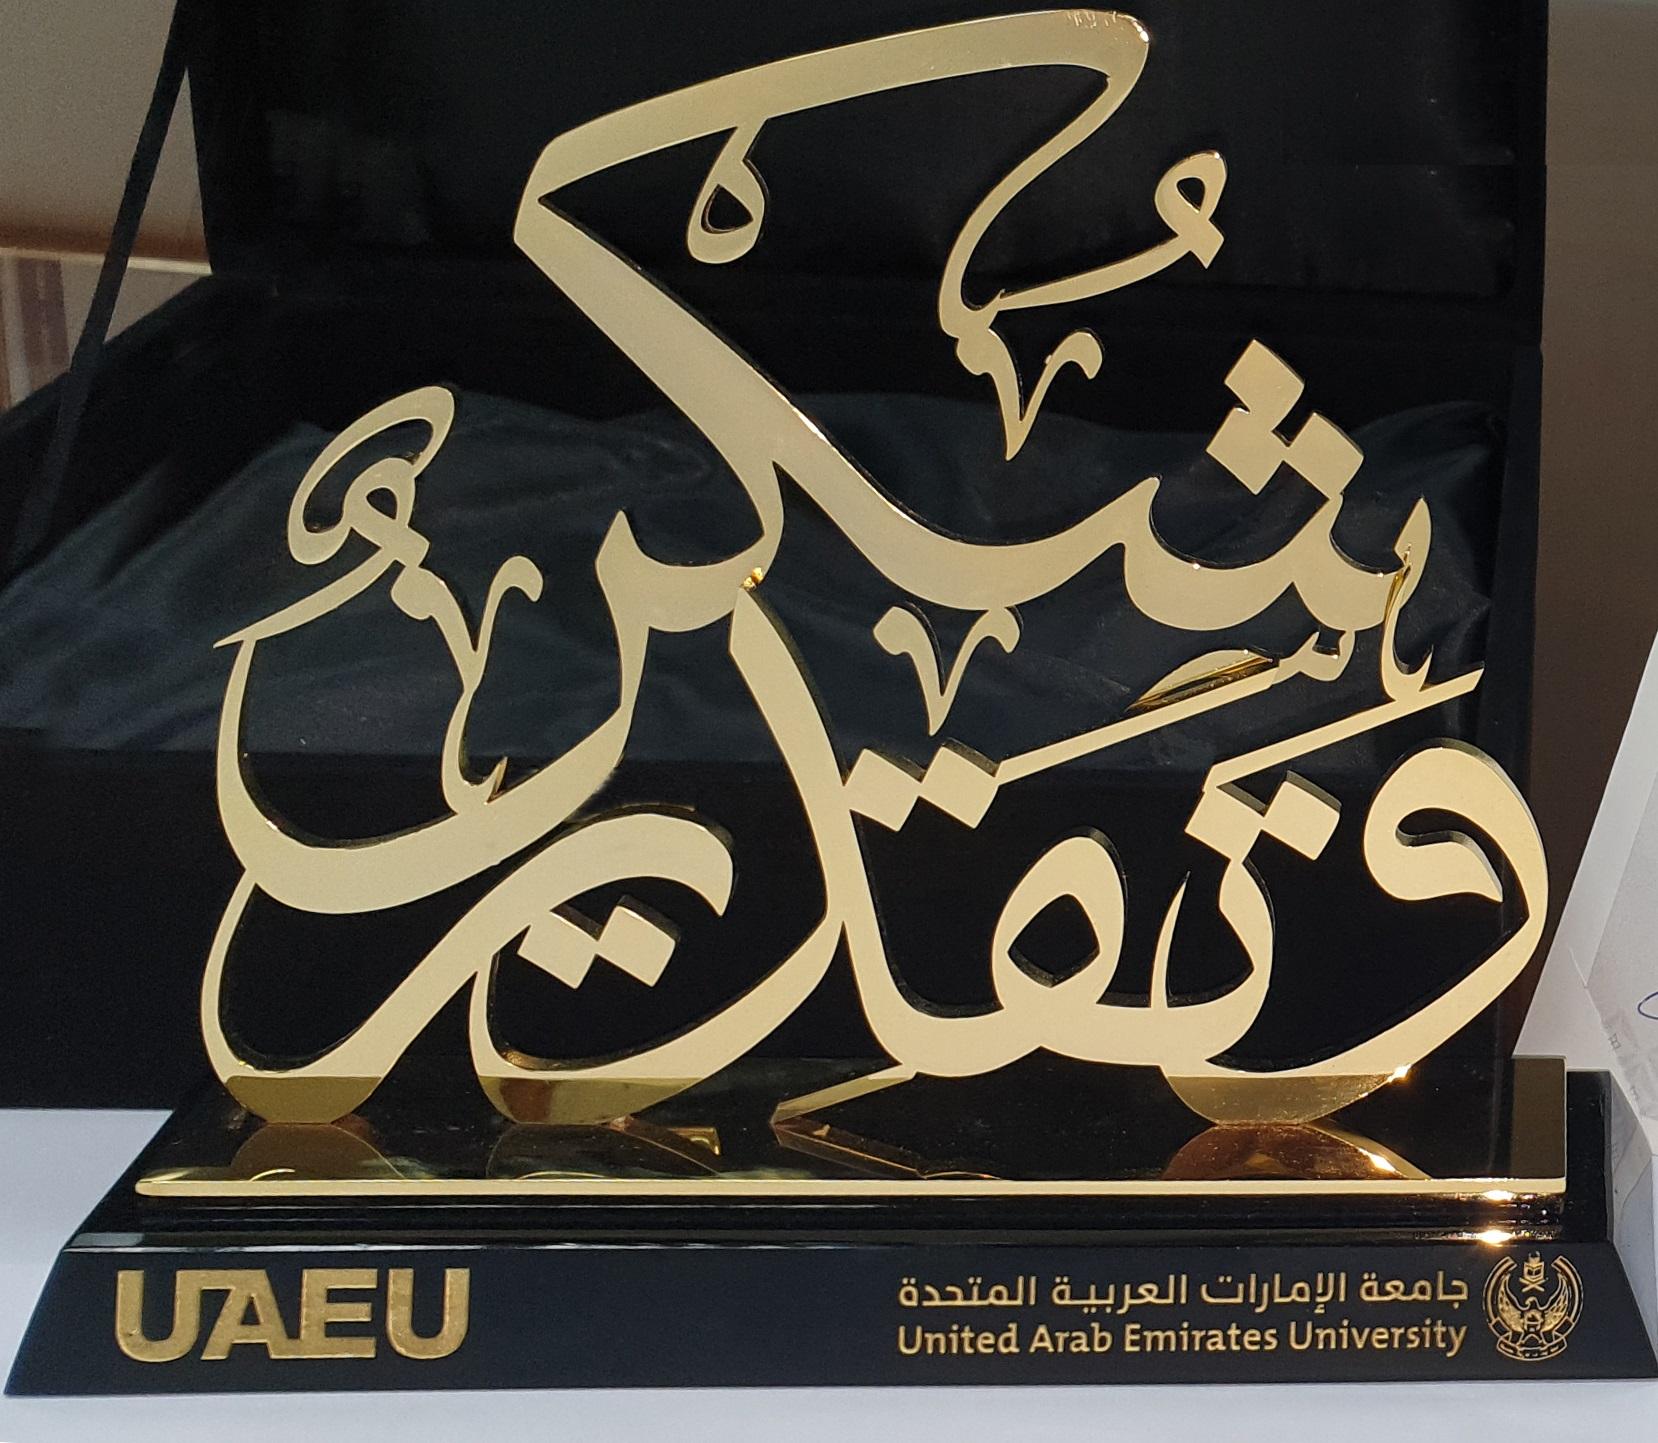 01 UAEU 01